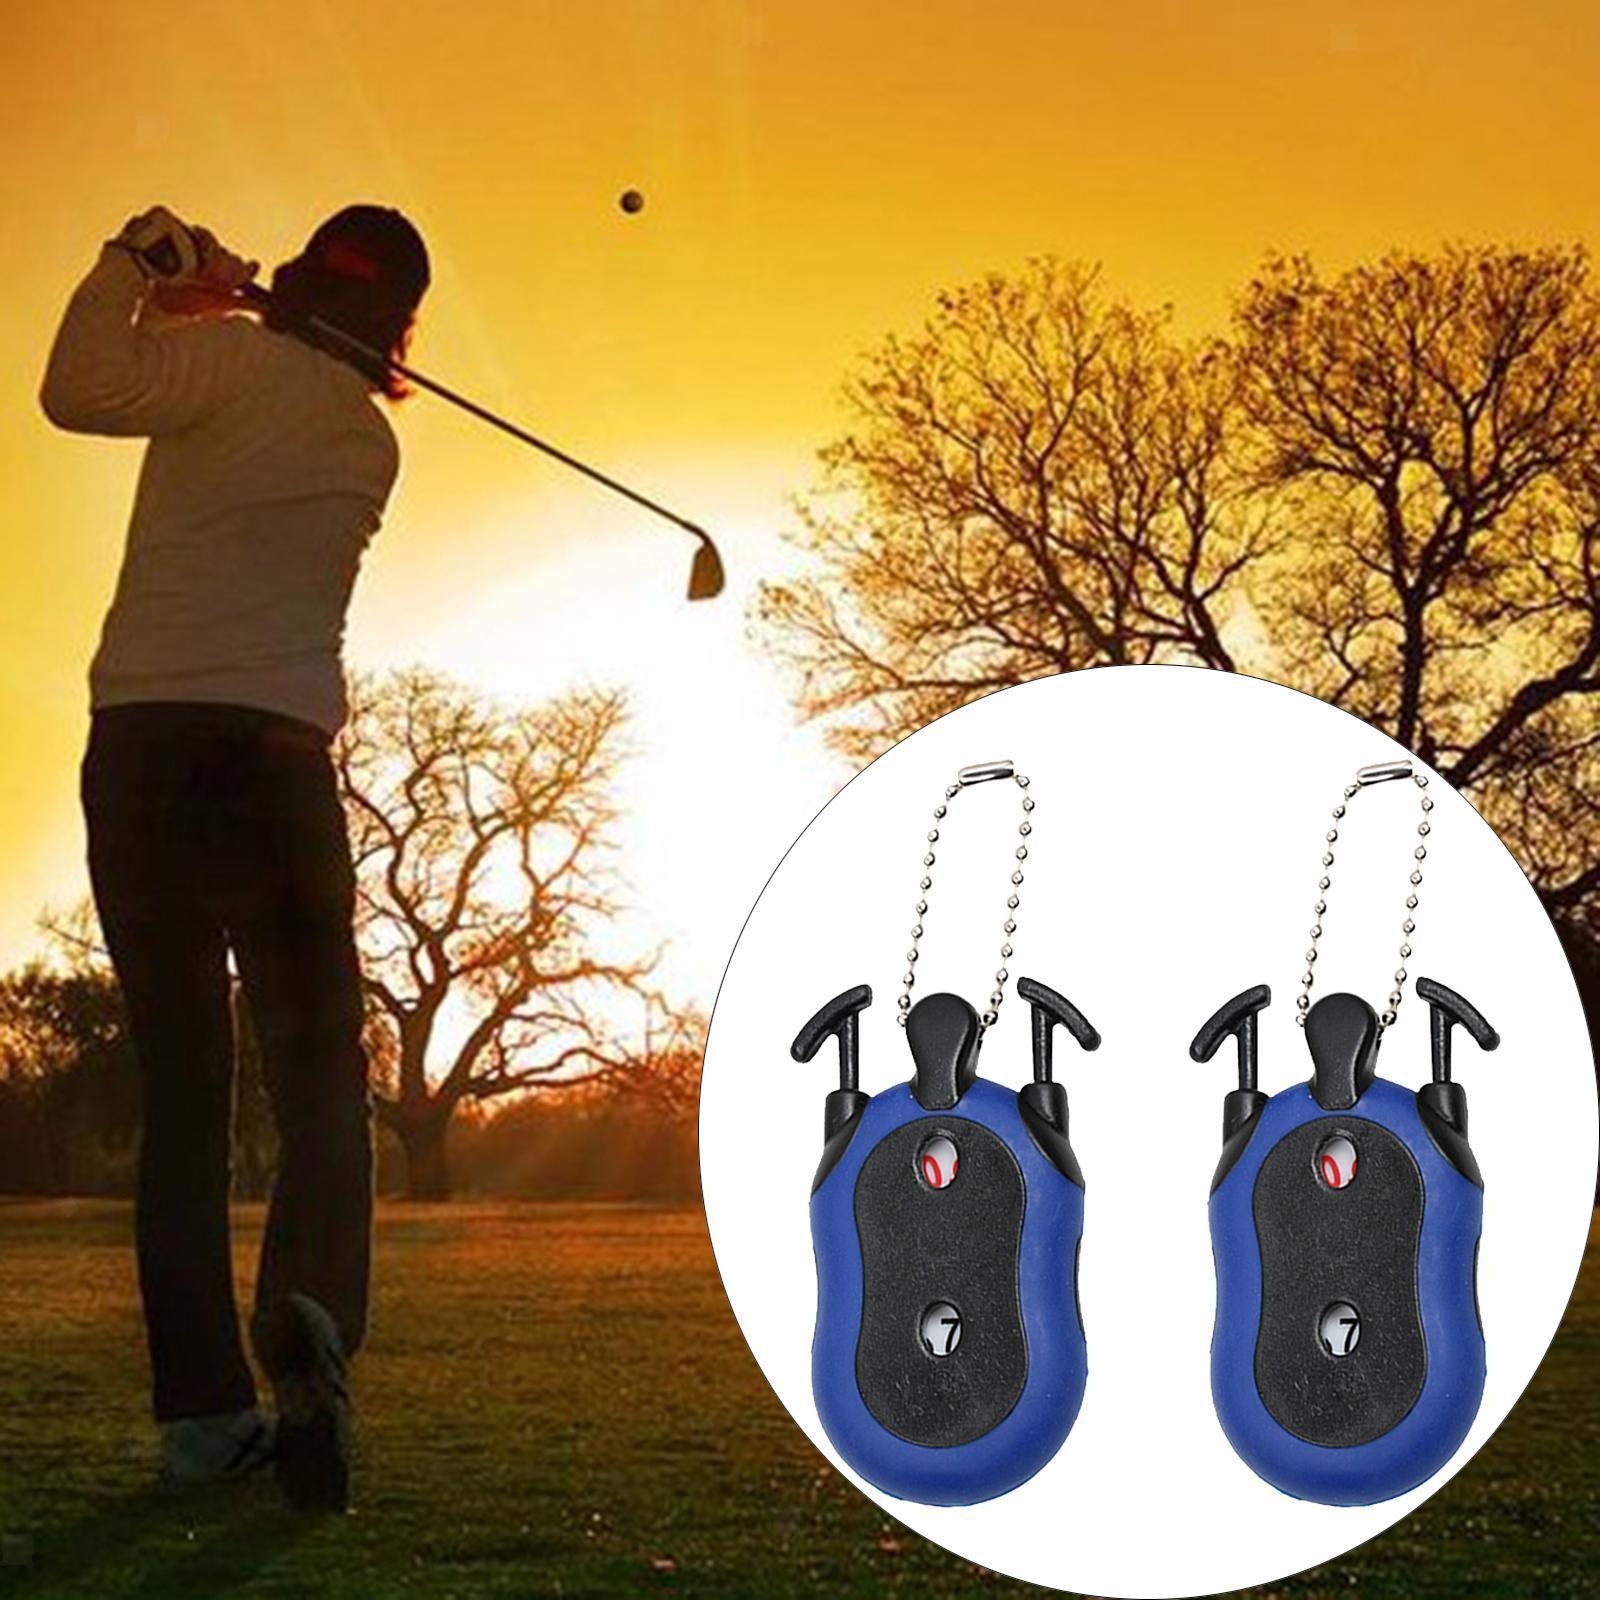 Indexbild 7 - 2 Stück Golf Score Zähler 2-in-1 Double Dial Stroke Putt Scorer mit